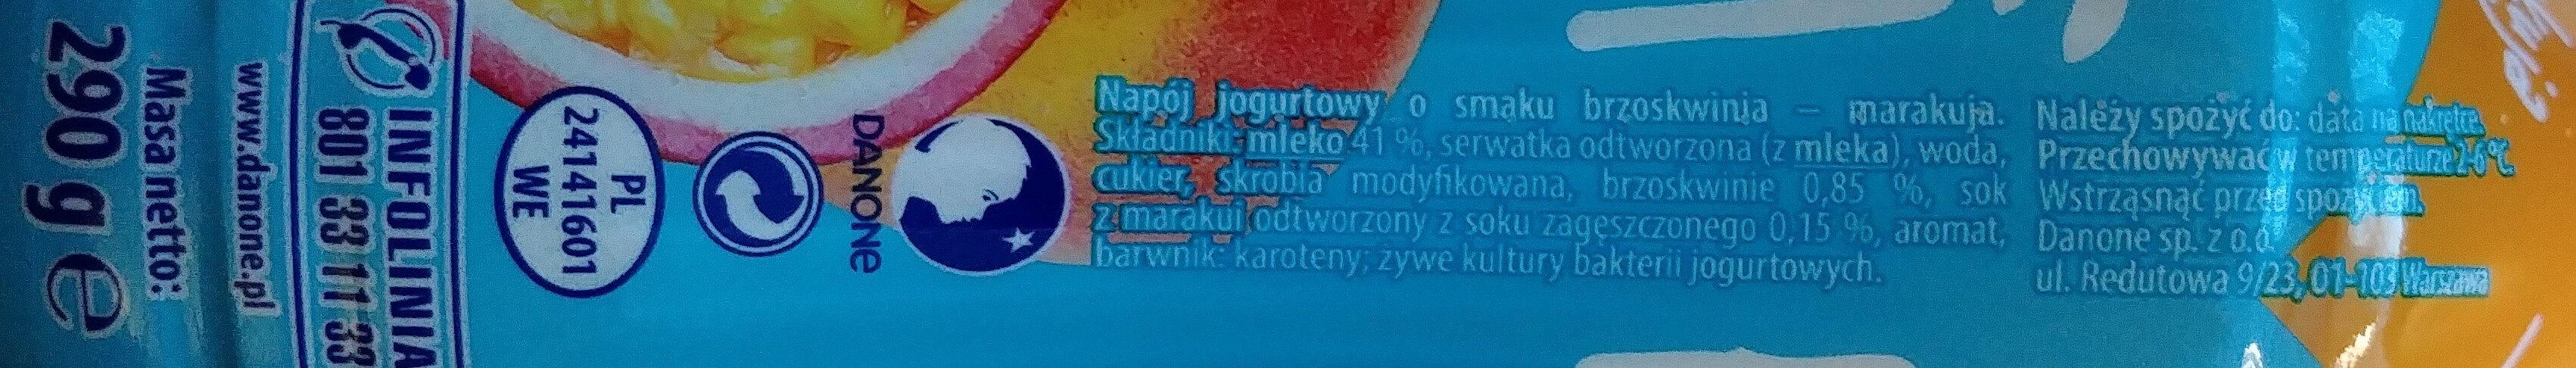 Napój jogurtowy o smaku brzoskwinia-marakuja - Ingrediënten - pl